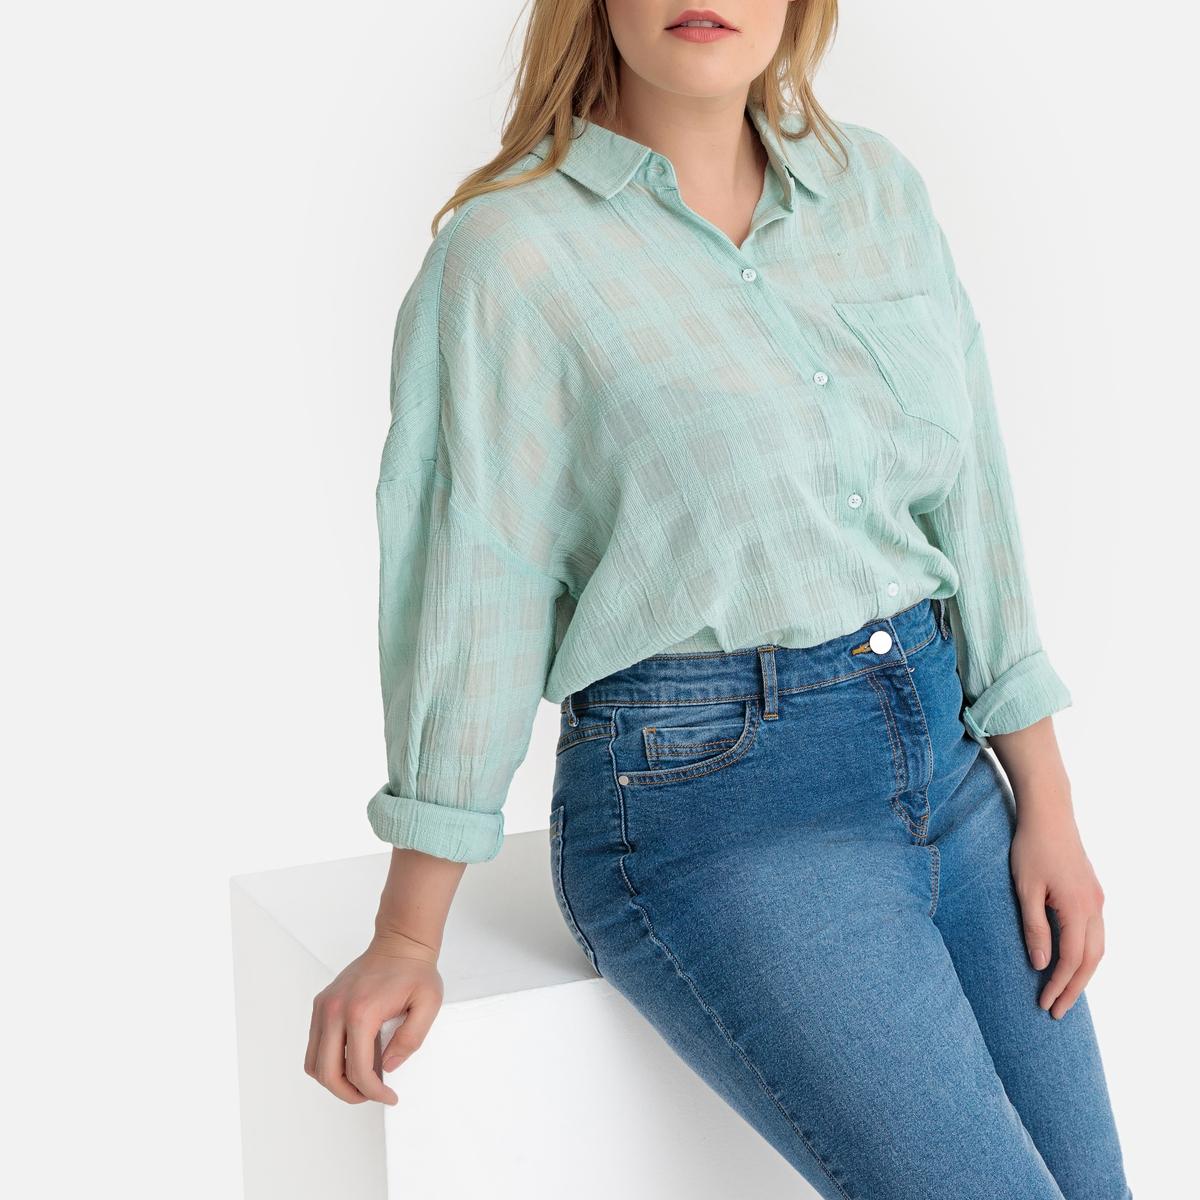 Camisa em jacquard aos quadrados, em algodão, mangas compridas